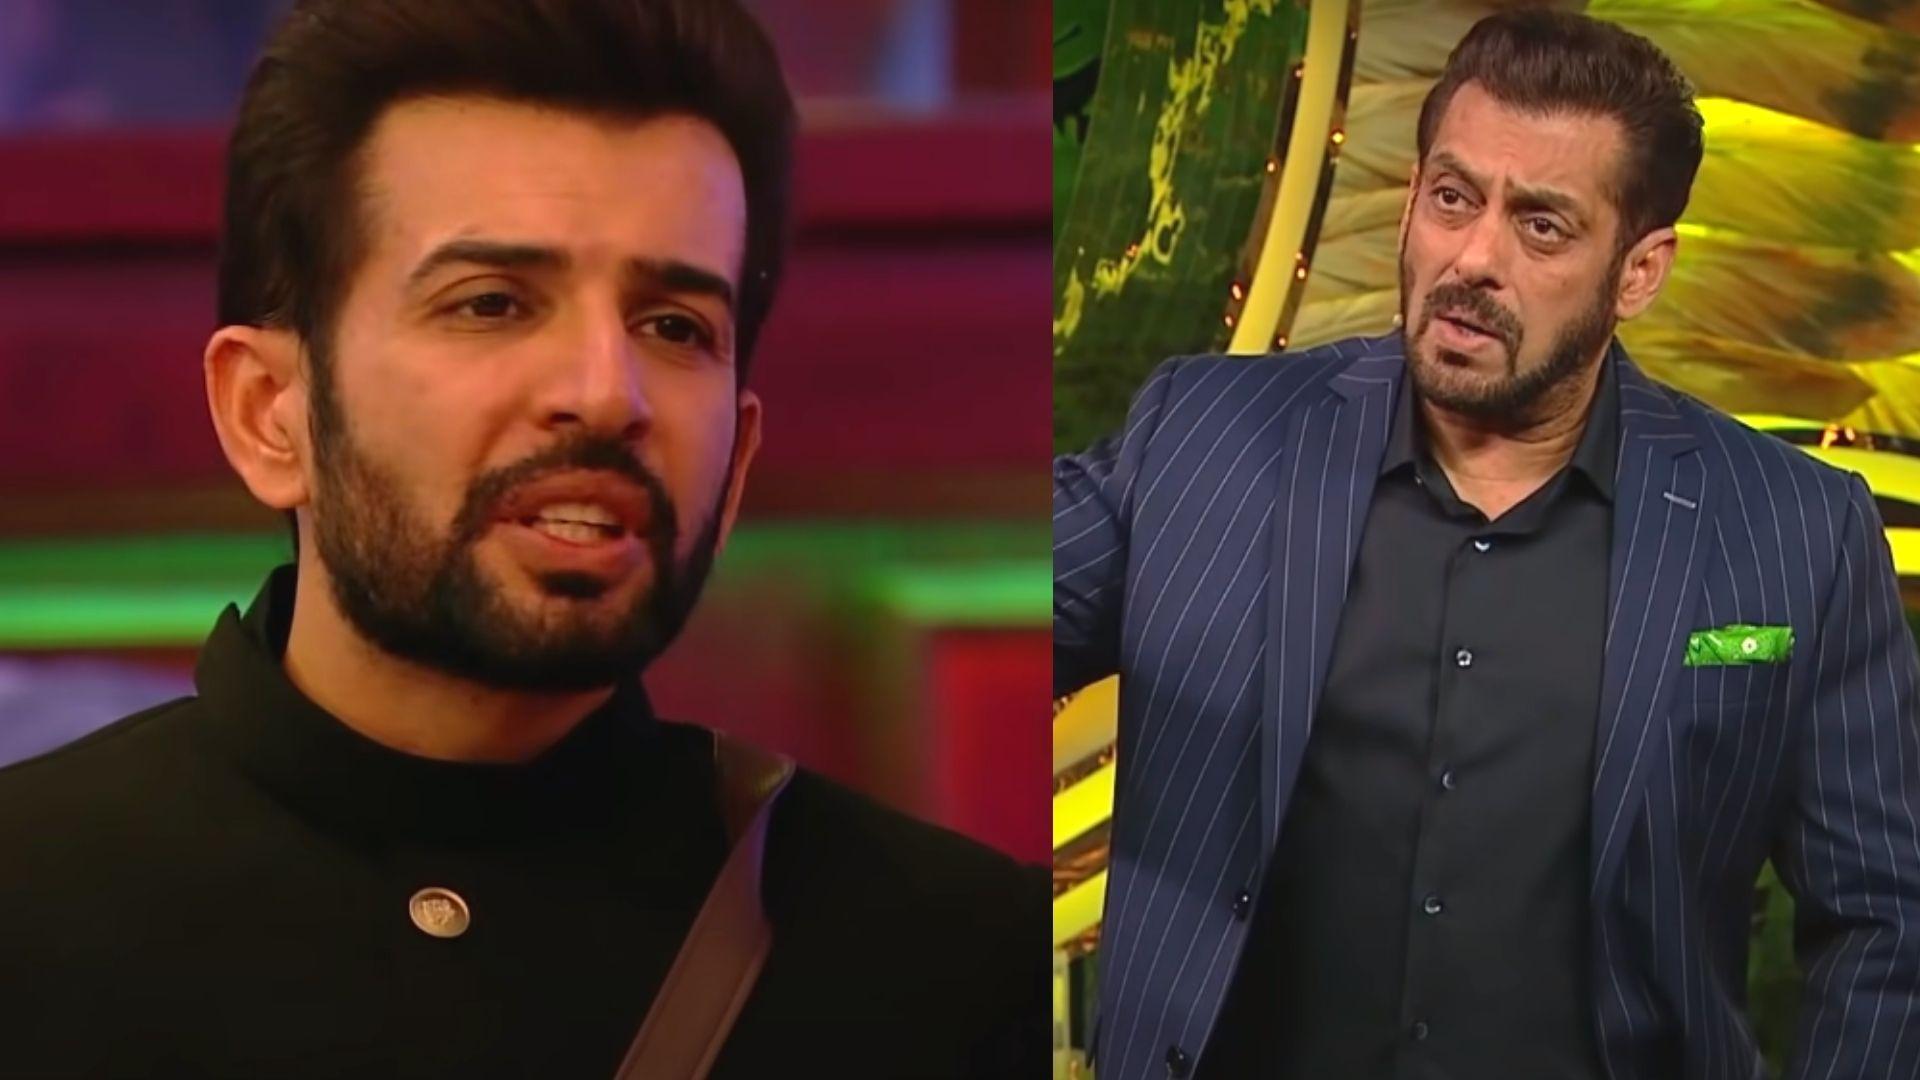 Bigg Boss 15: Salman Khan Takes A Dig At Jay Bhanushali; Calls His Principles 'Fake'